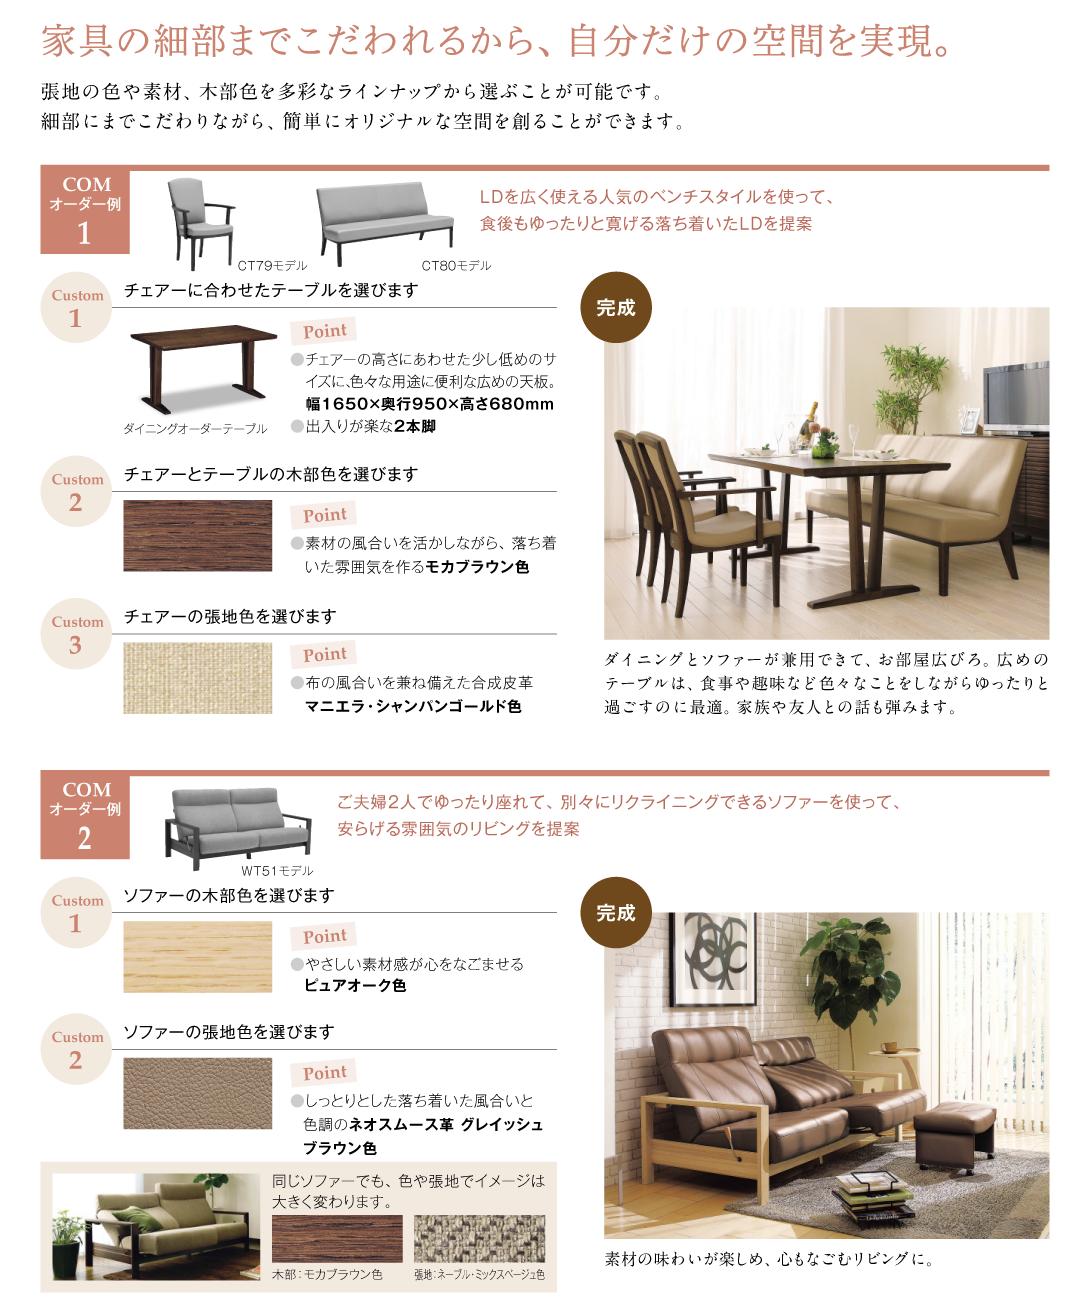 家具の細部までこだわれるから自分だけの空間を実現